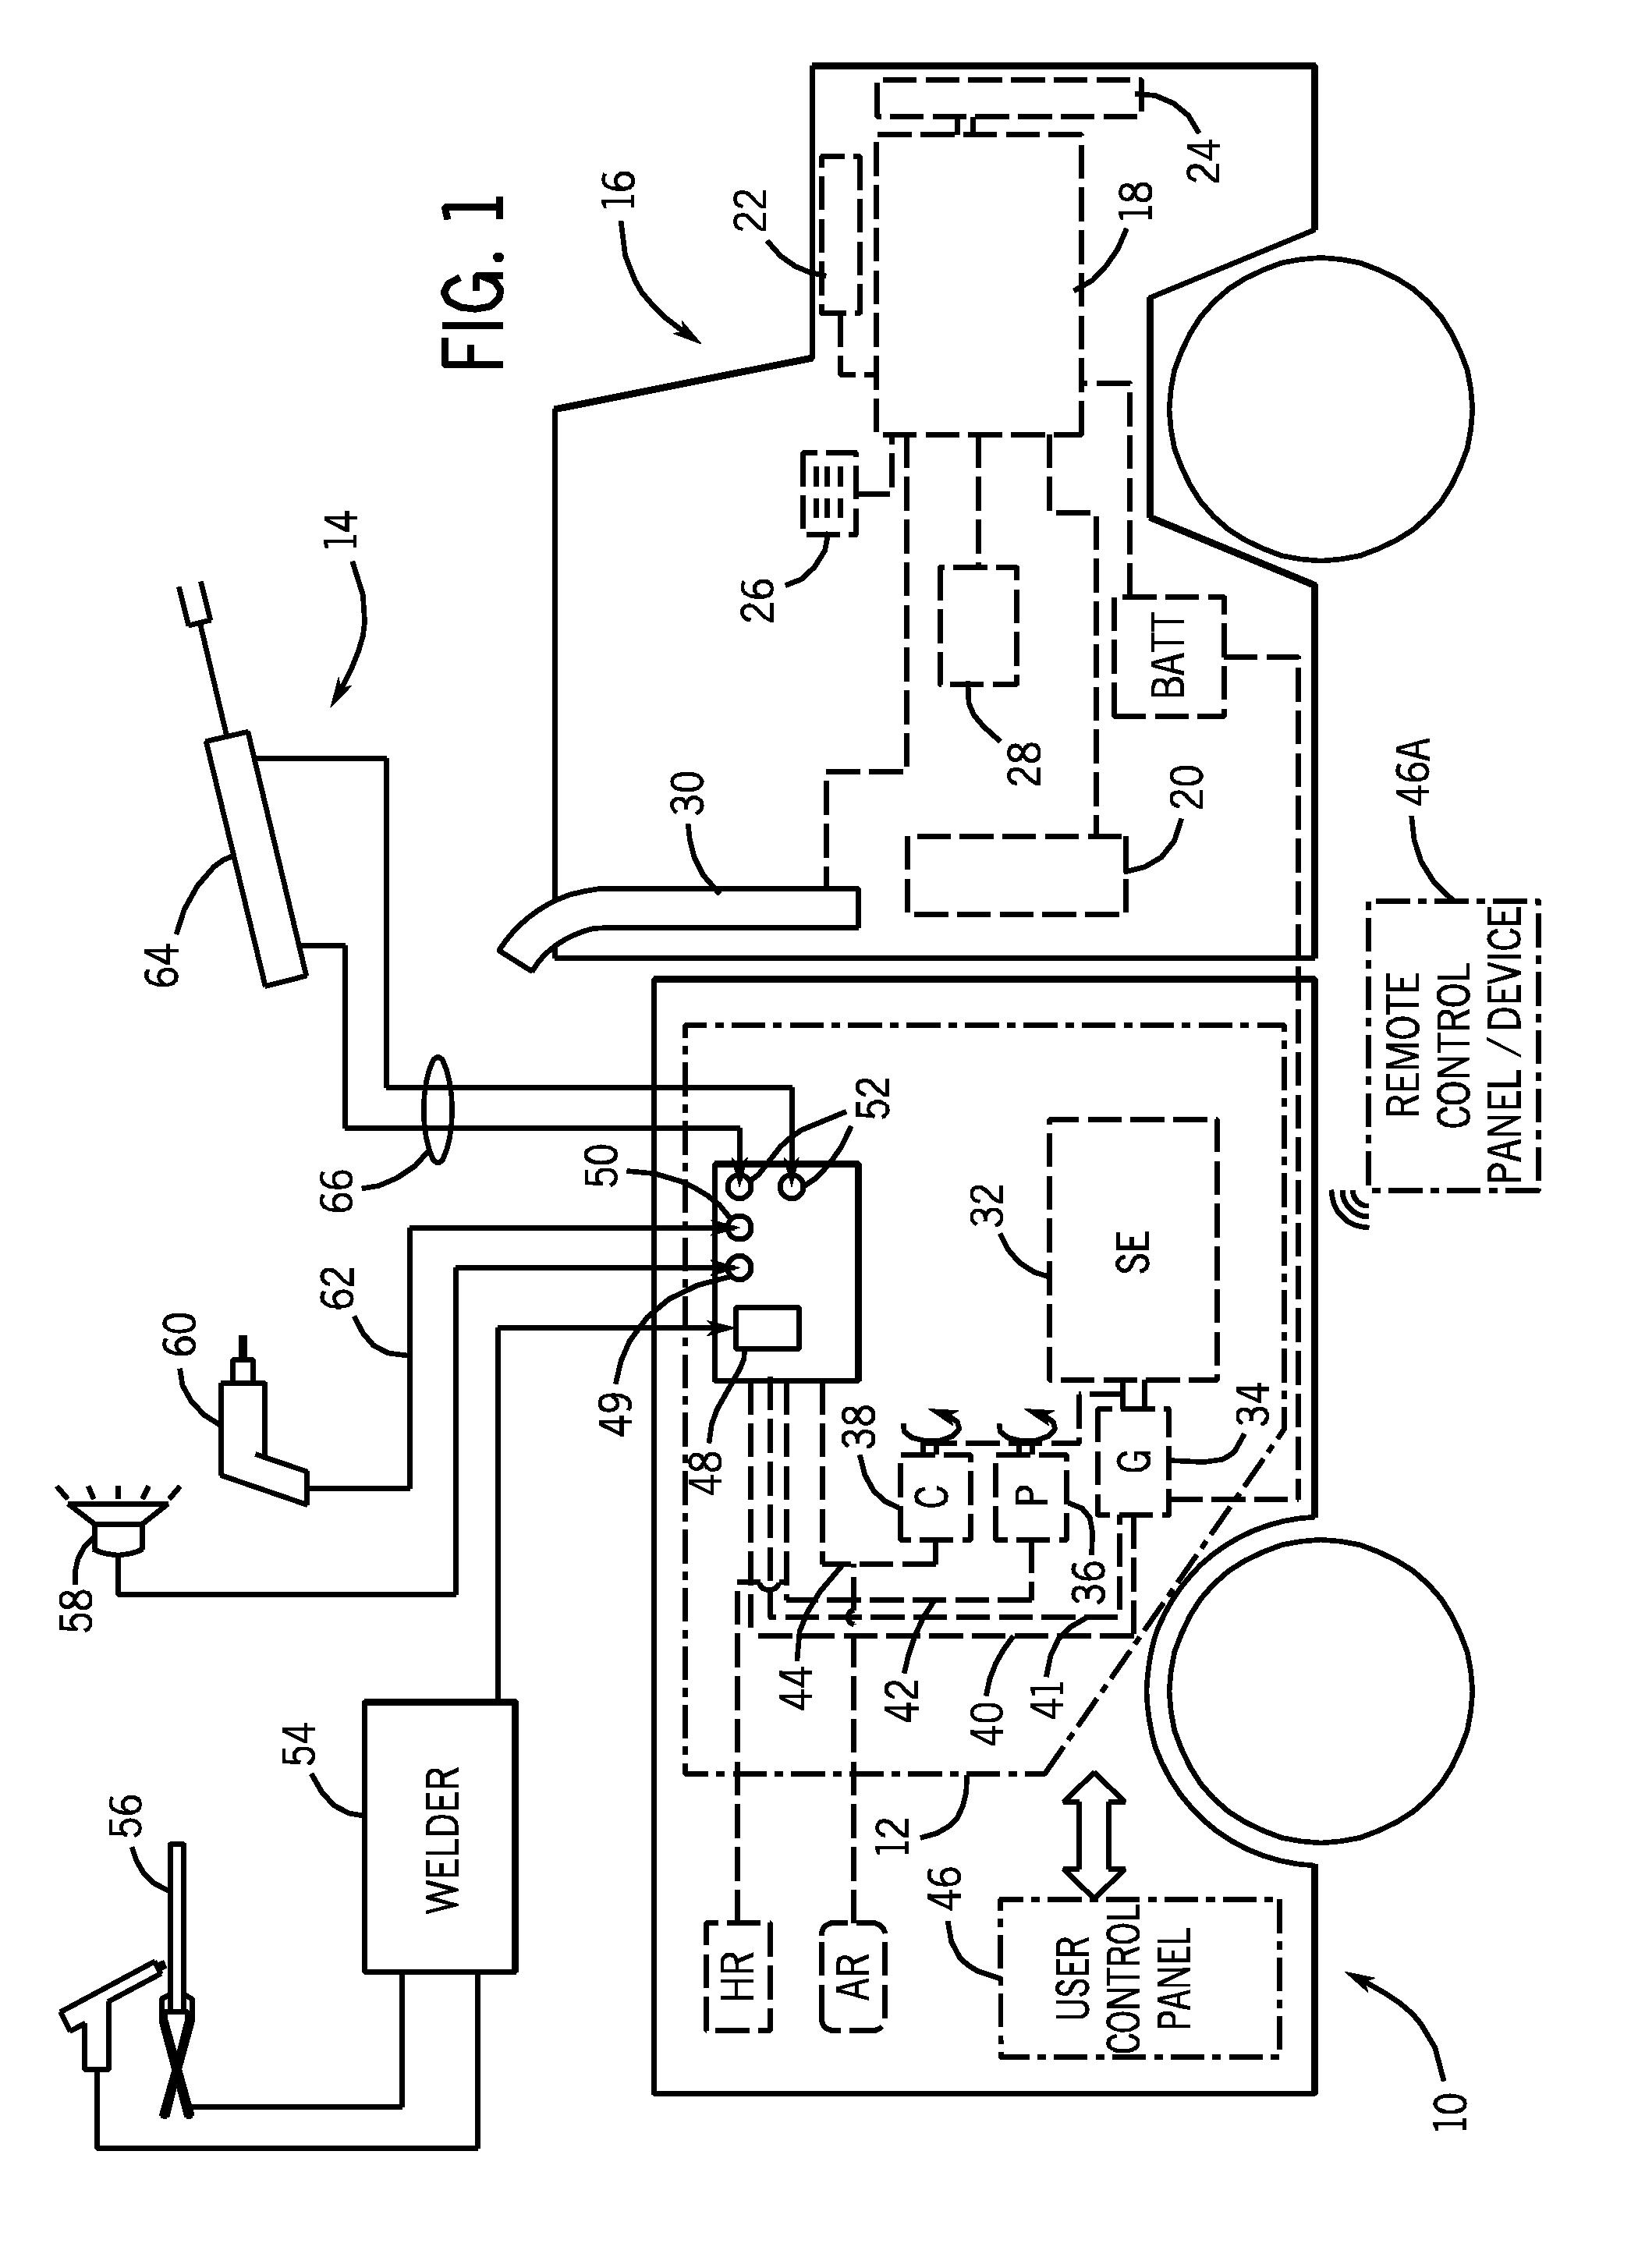 Jlg Scissor Lift Control Wiring Diagram